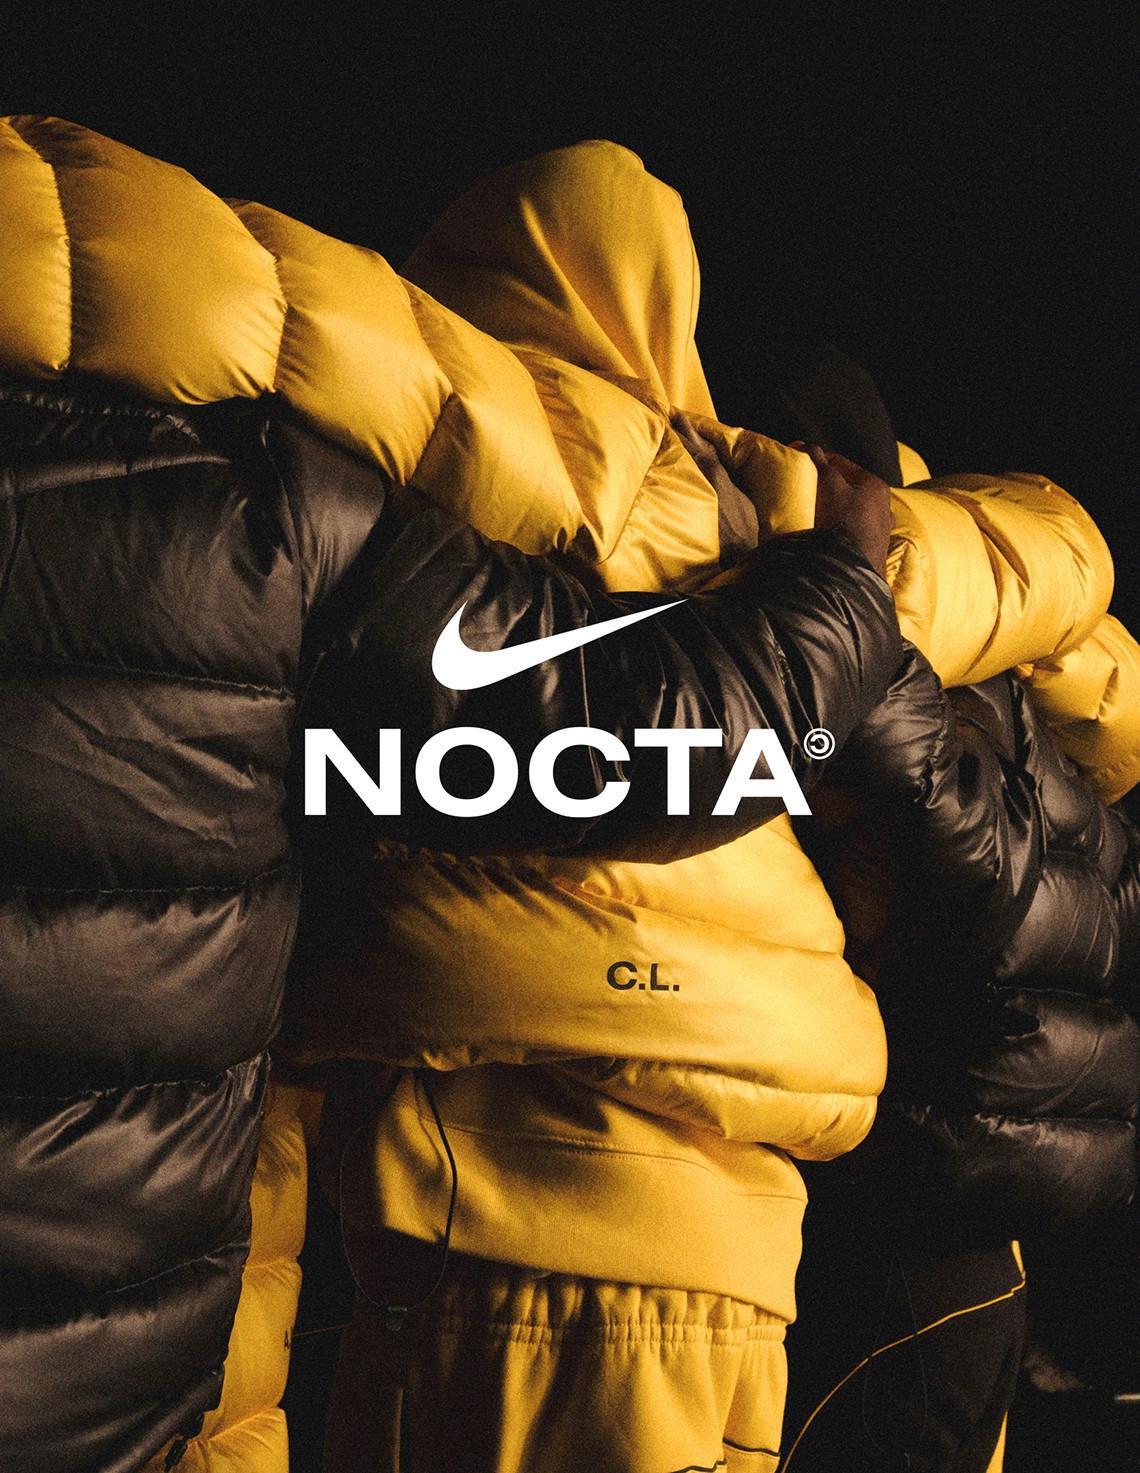 Drake et Nike annoncent officiellement NOCTA, un sous-label inspiré par son processus créatif